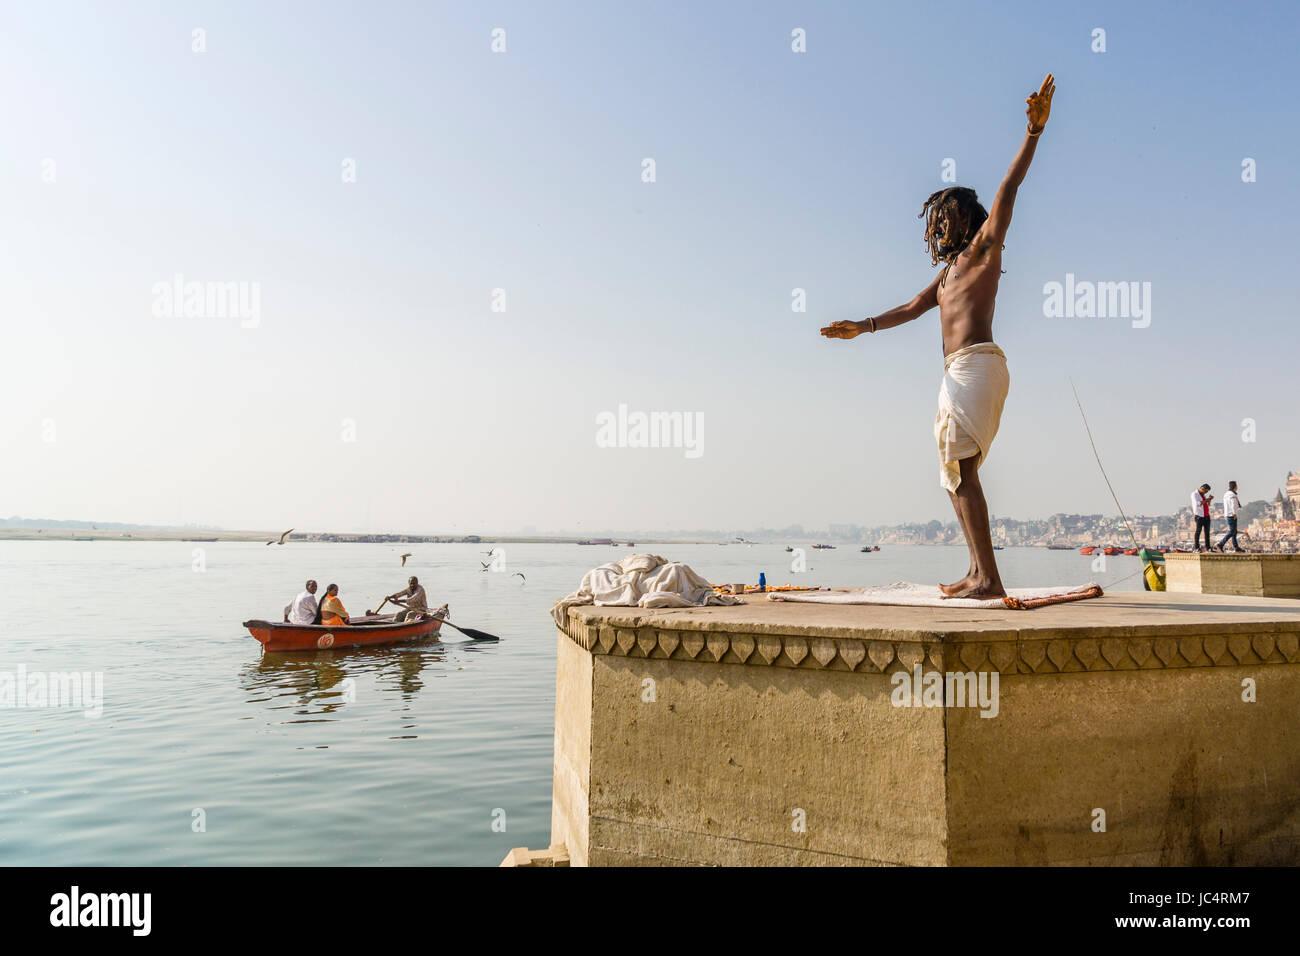 Ein sadhu, heiliger Mann, tanzt auf einer Plattform am heiligen Fluss Ganges Meer Ghat im Vorort godowlia Stockbild